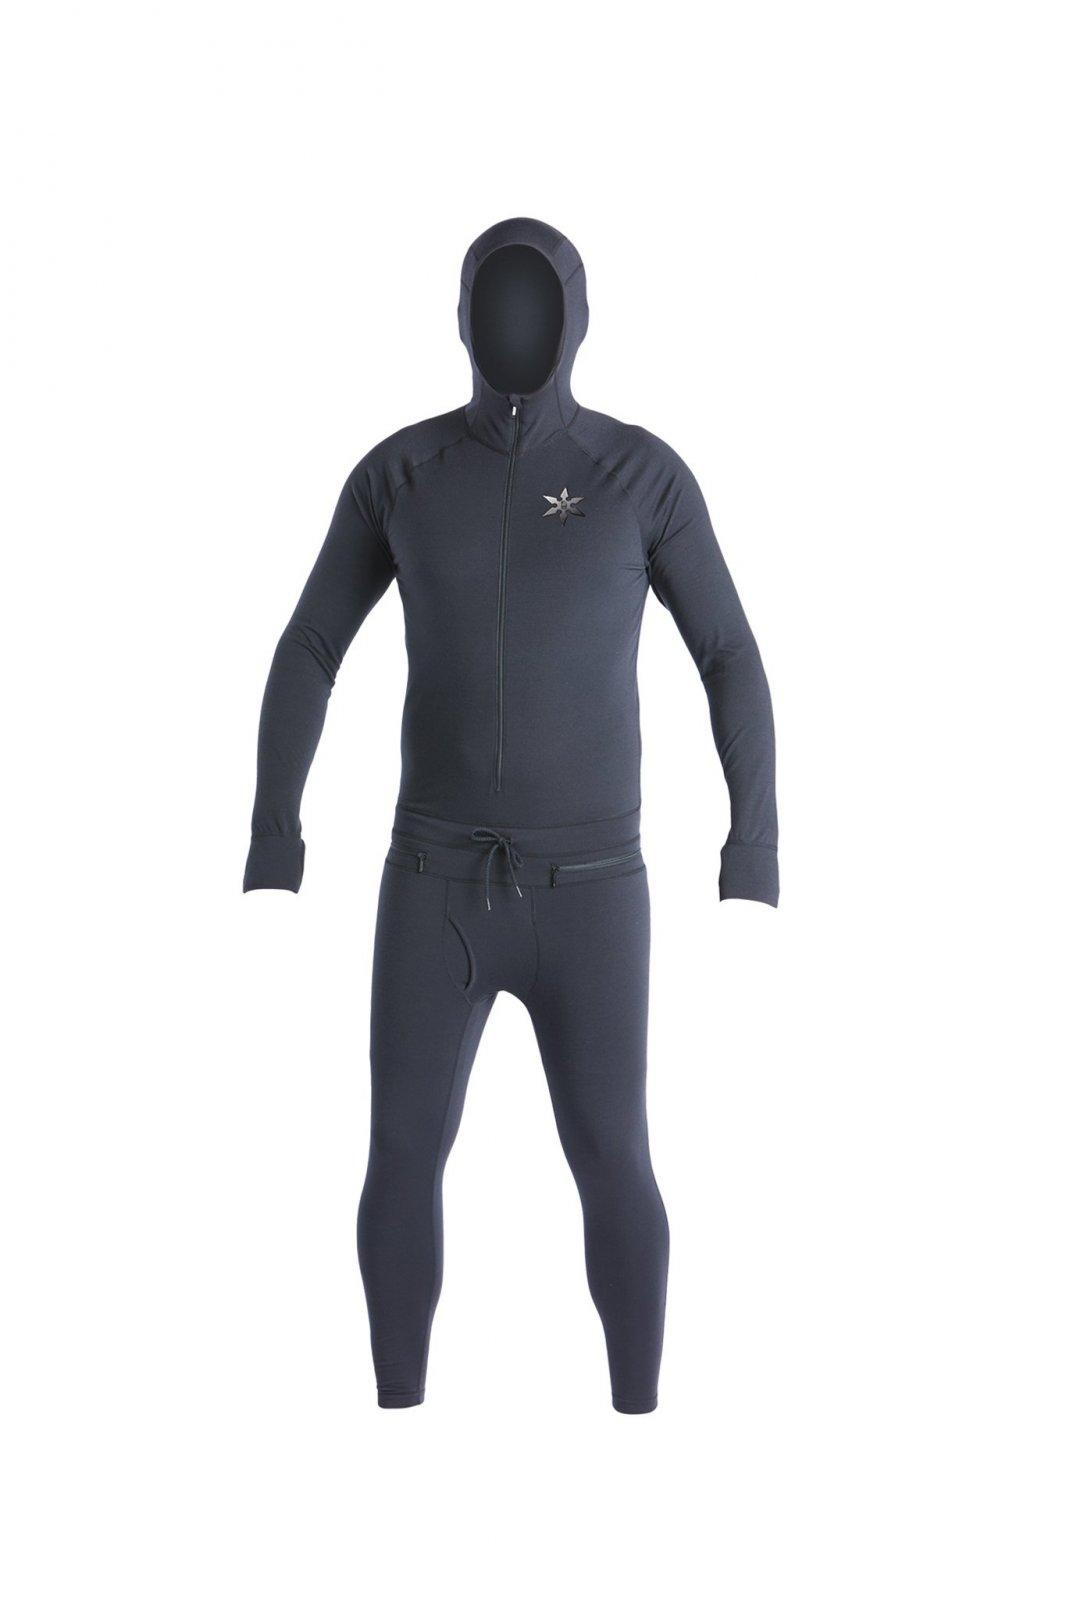 Airblaster Classic Ninja Suit (Multiple Color Options)